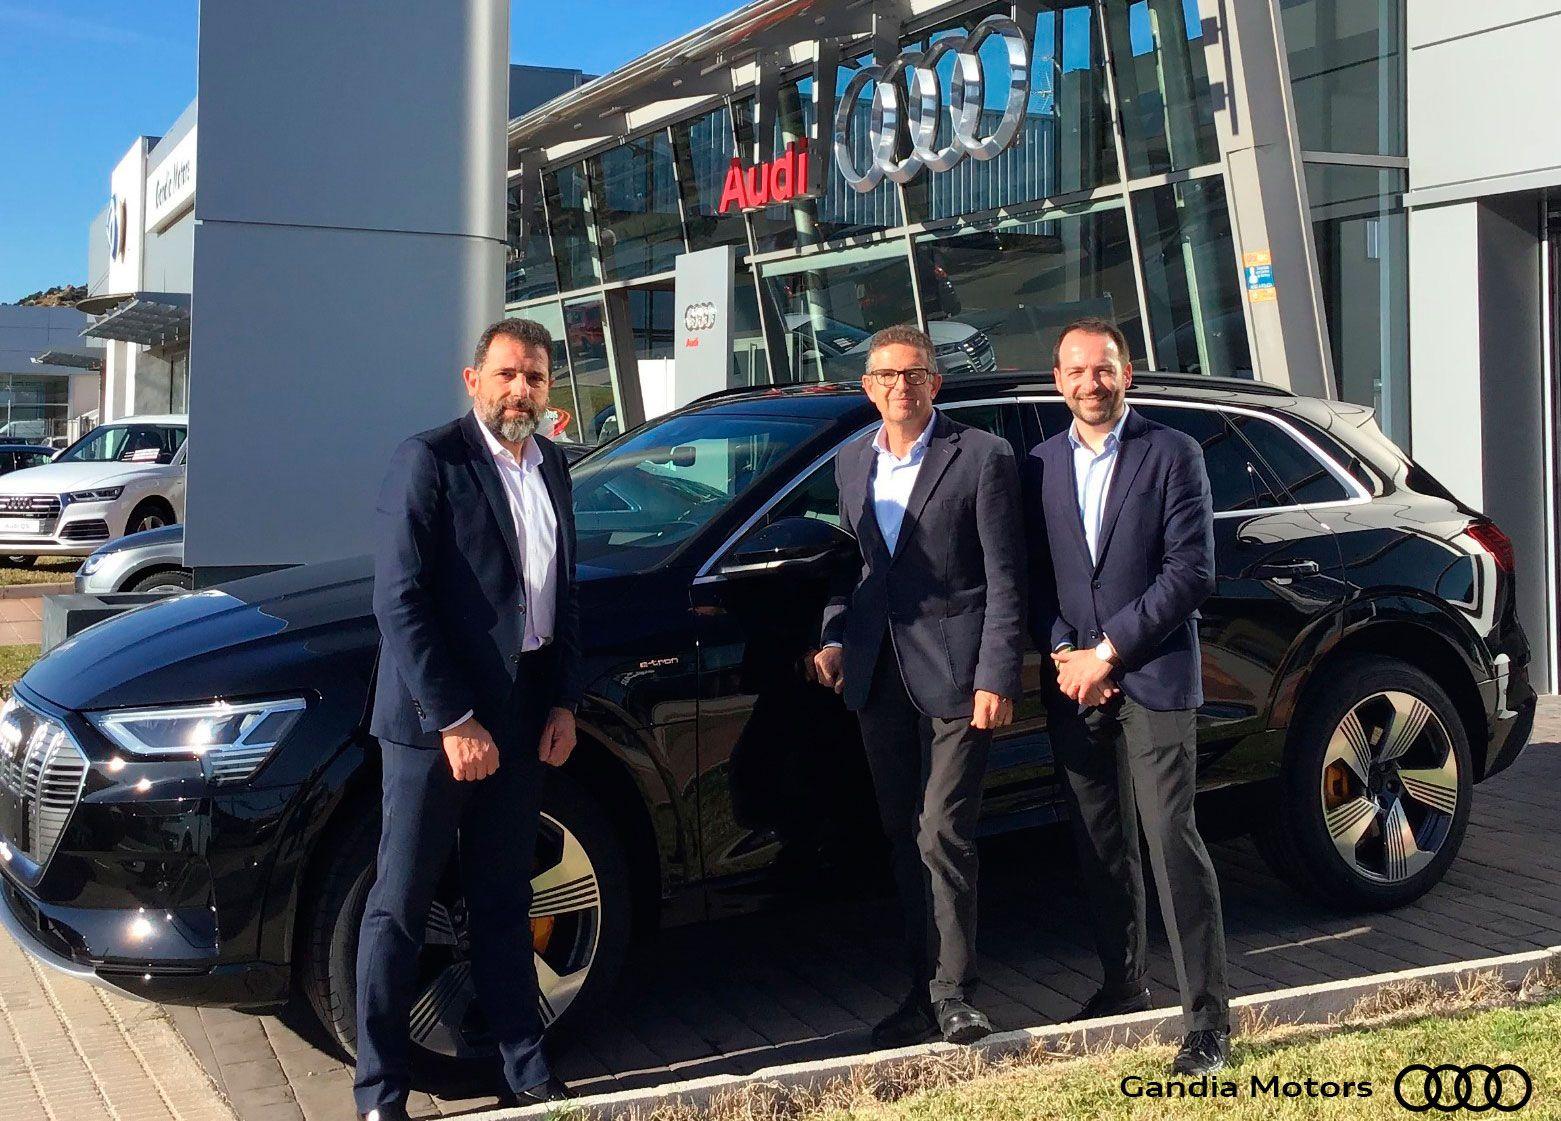 Audi Gandia Motors entrega la primera unidad del e-tron